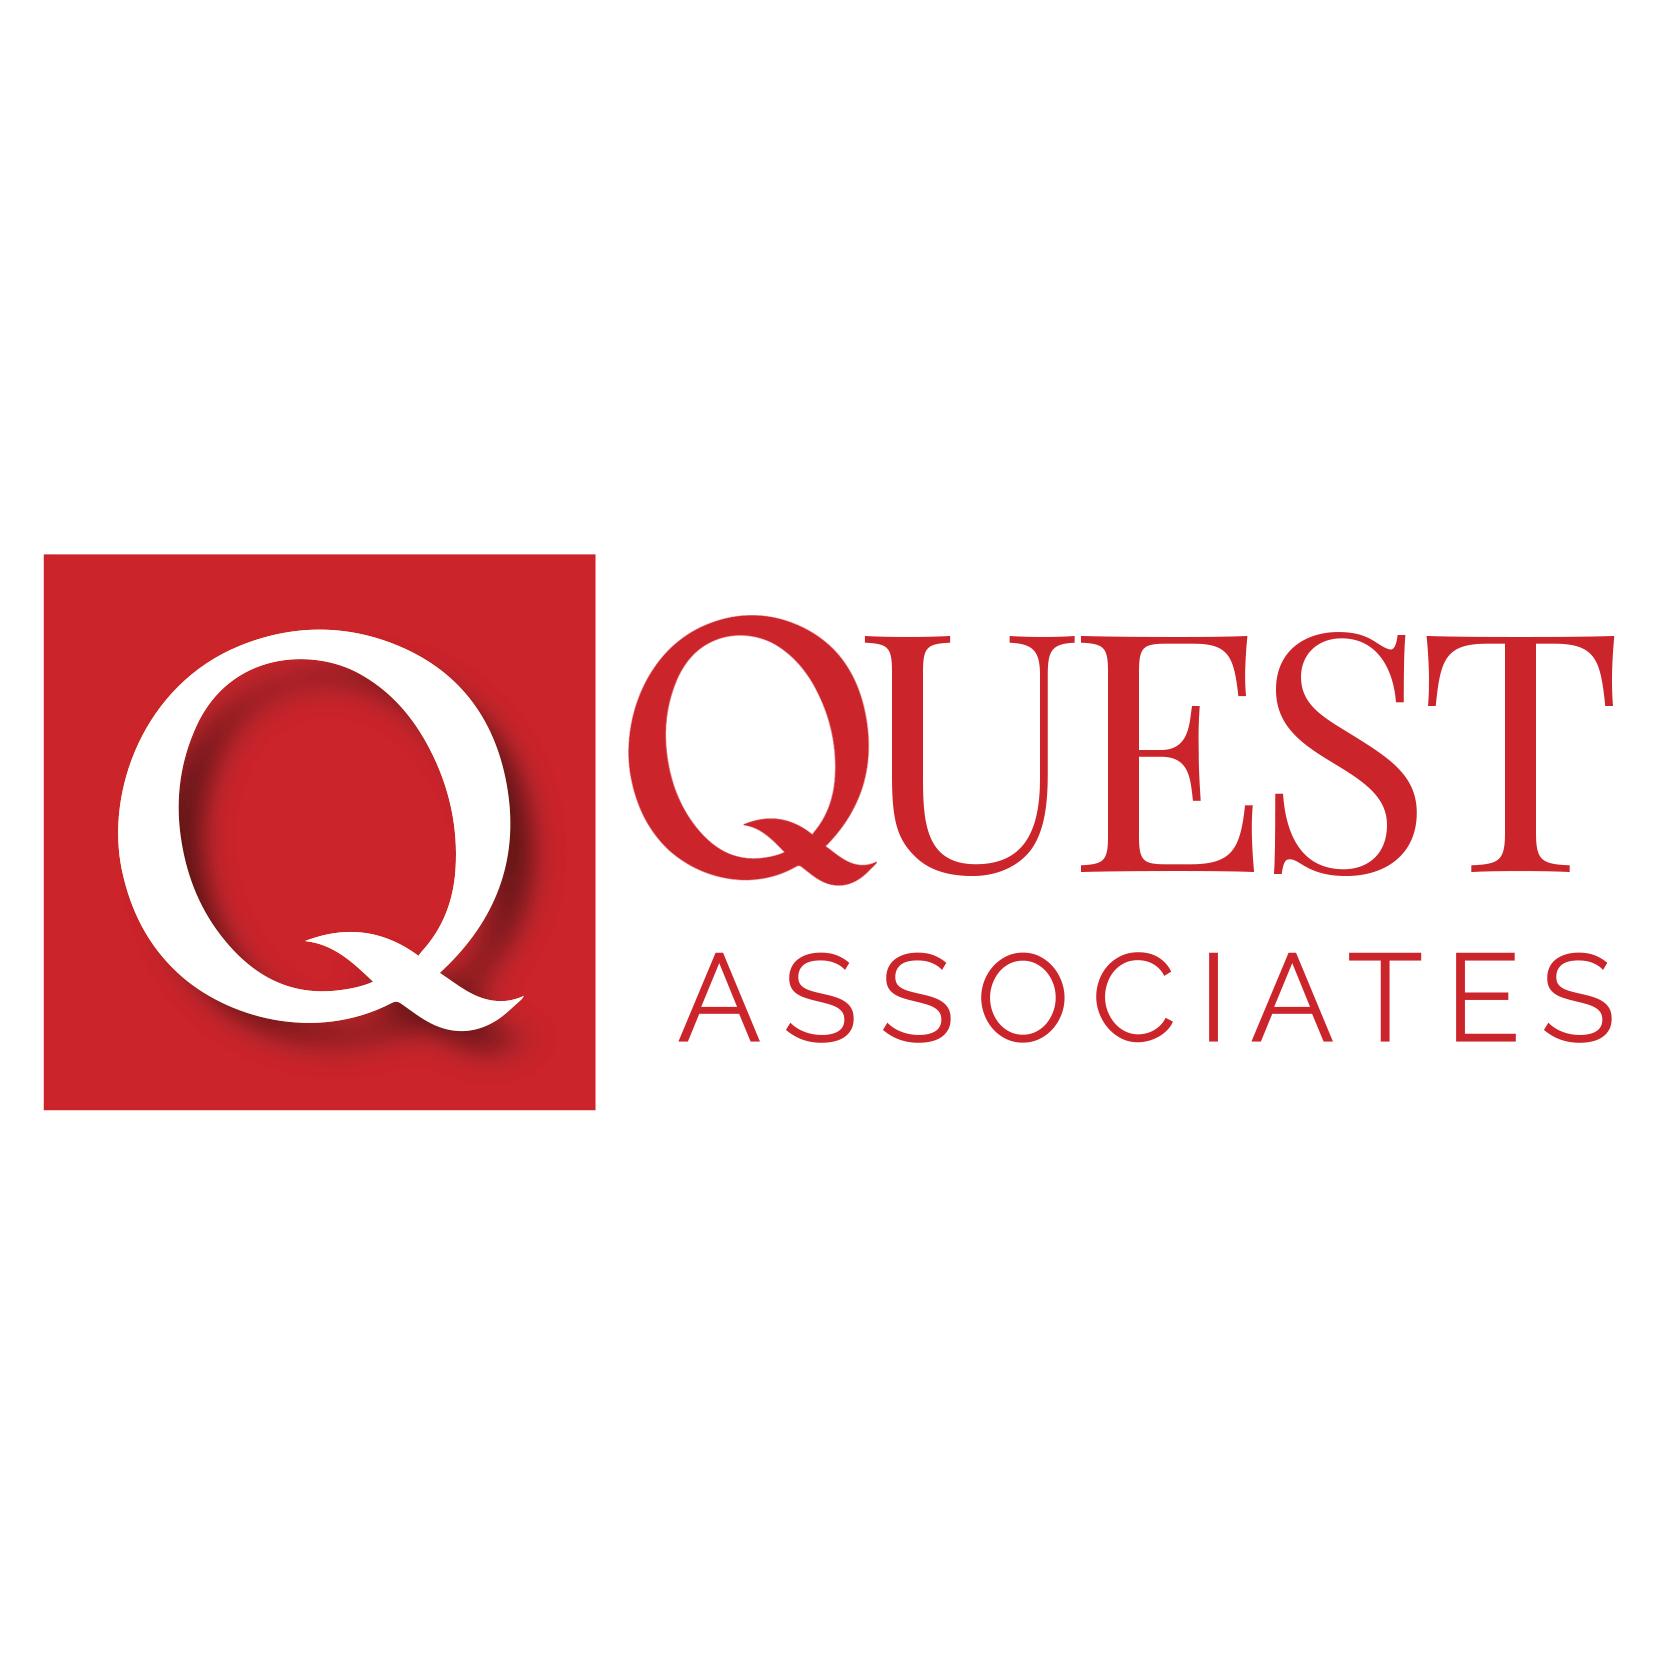 Quest Associates image 4